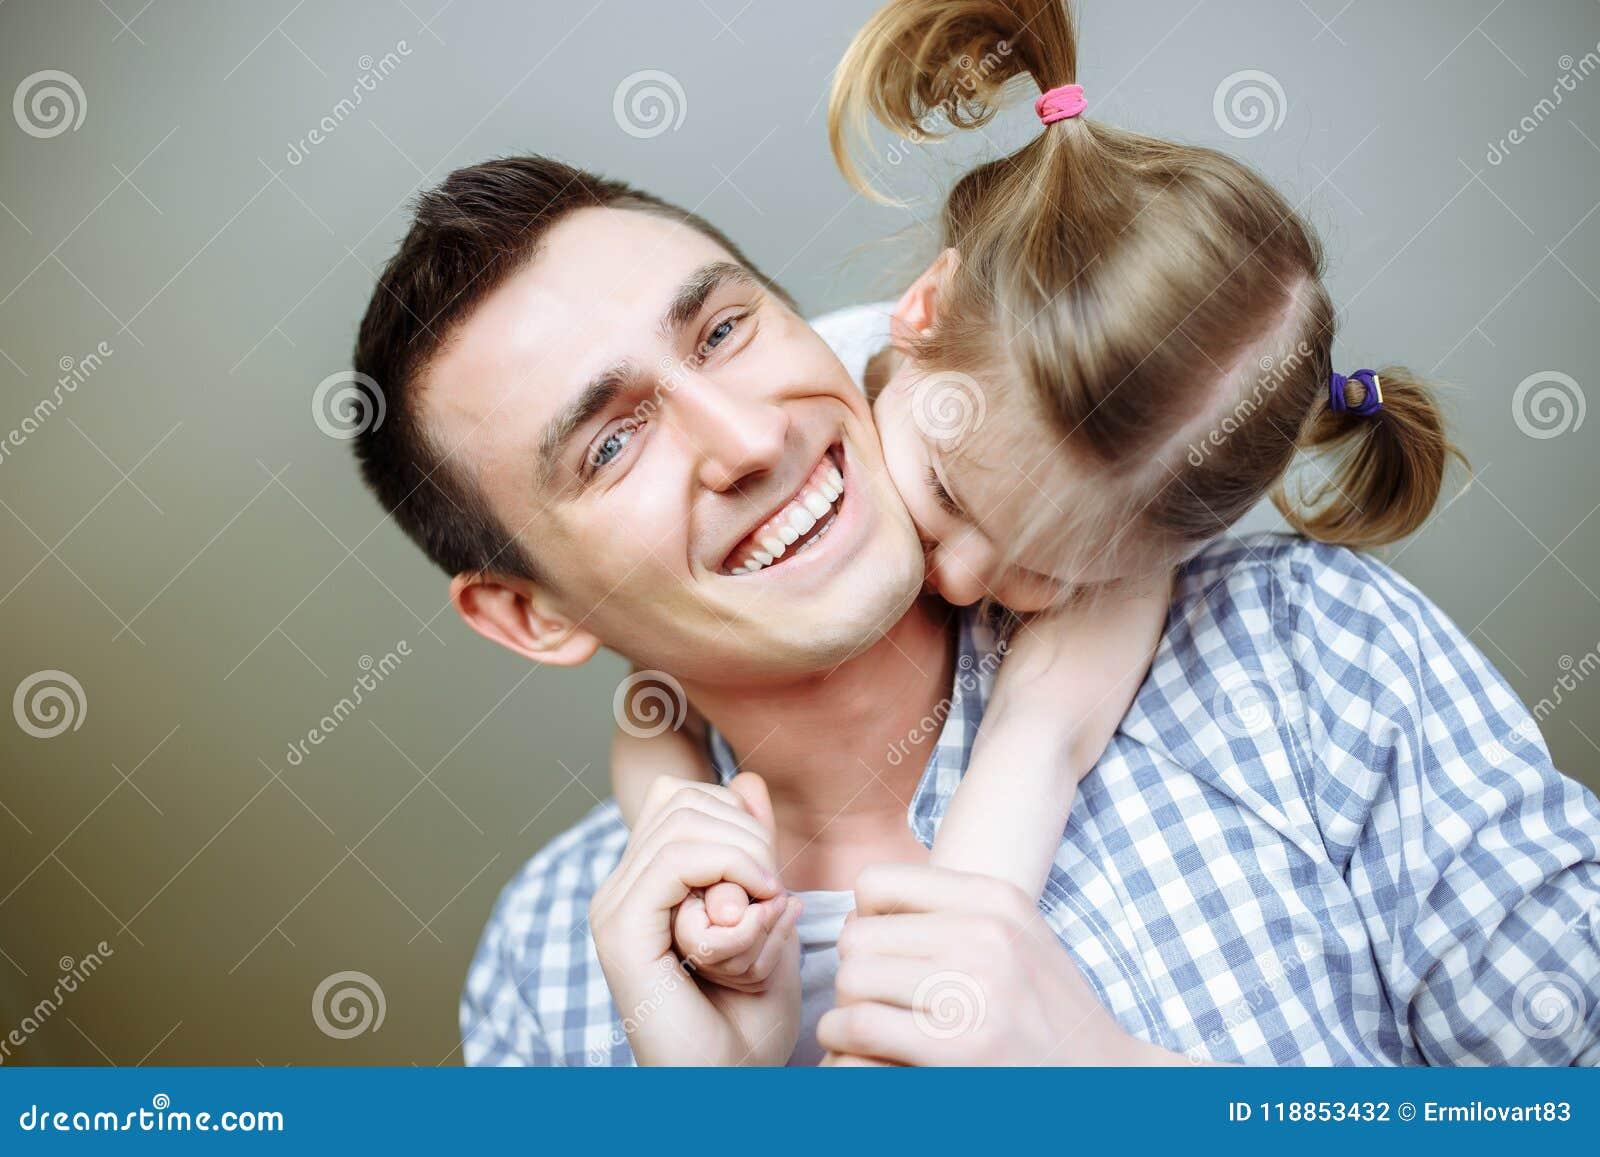 Папа и его девушка ребенка дочери играют, усмехаются и обнимаются Праздник и единение семьи поле глубины отмелое